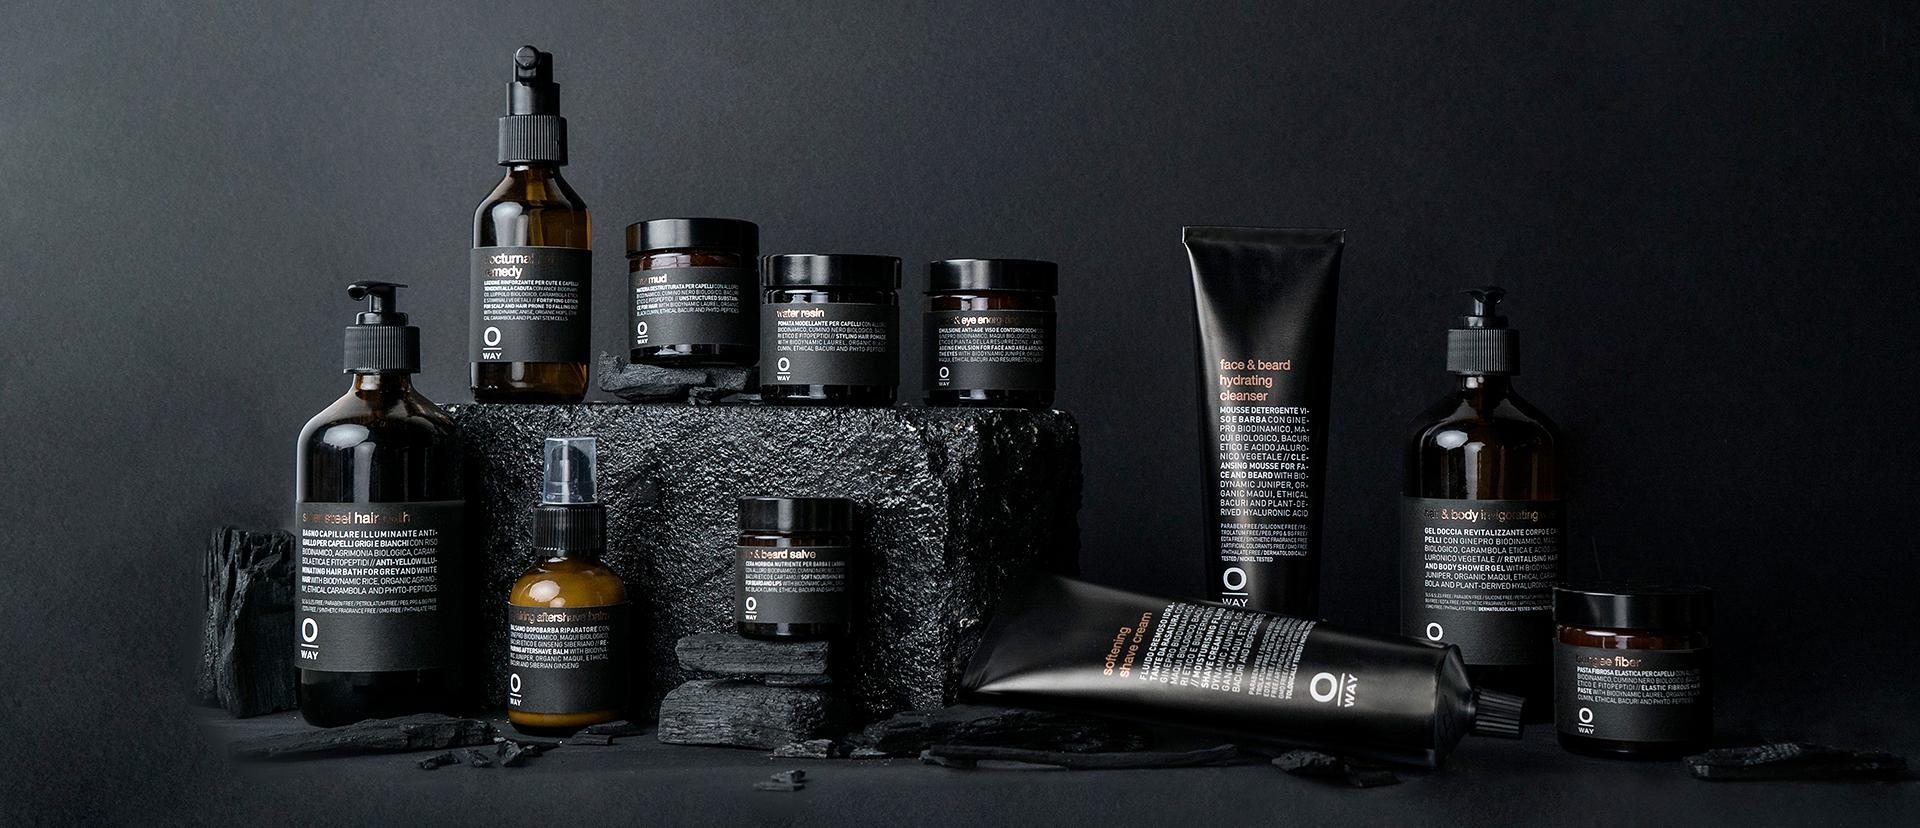 La cosmetica per uomo, ecosostenibile.